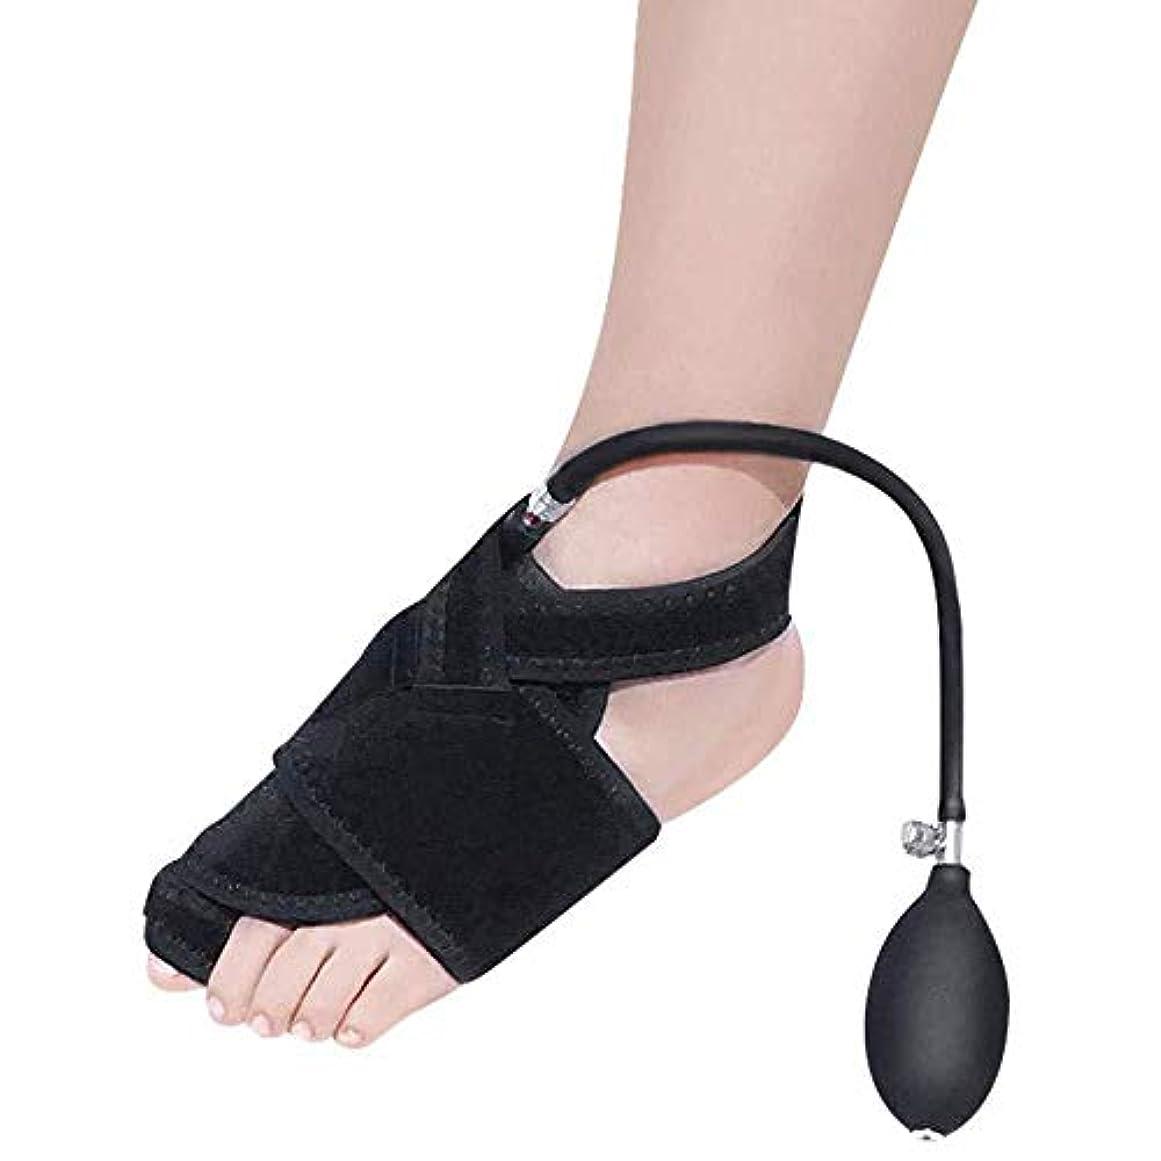 カエル評判賛美歌つま先セパレーター、左の膨脹可能なつま先変形足の親指矯正器および空気圧式整形外科用補助腱膜瘤手術の回復,Leftfoot